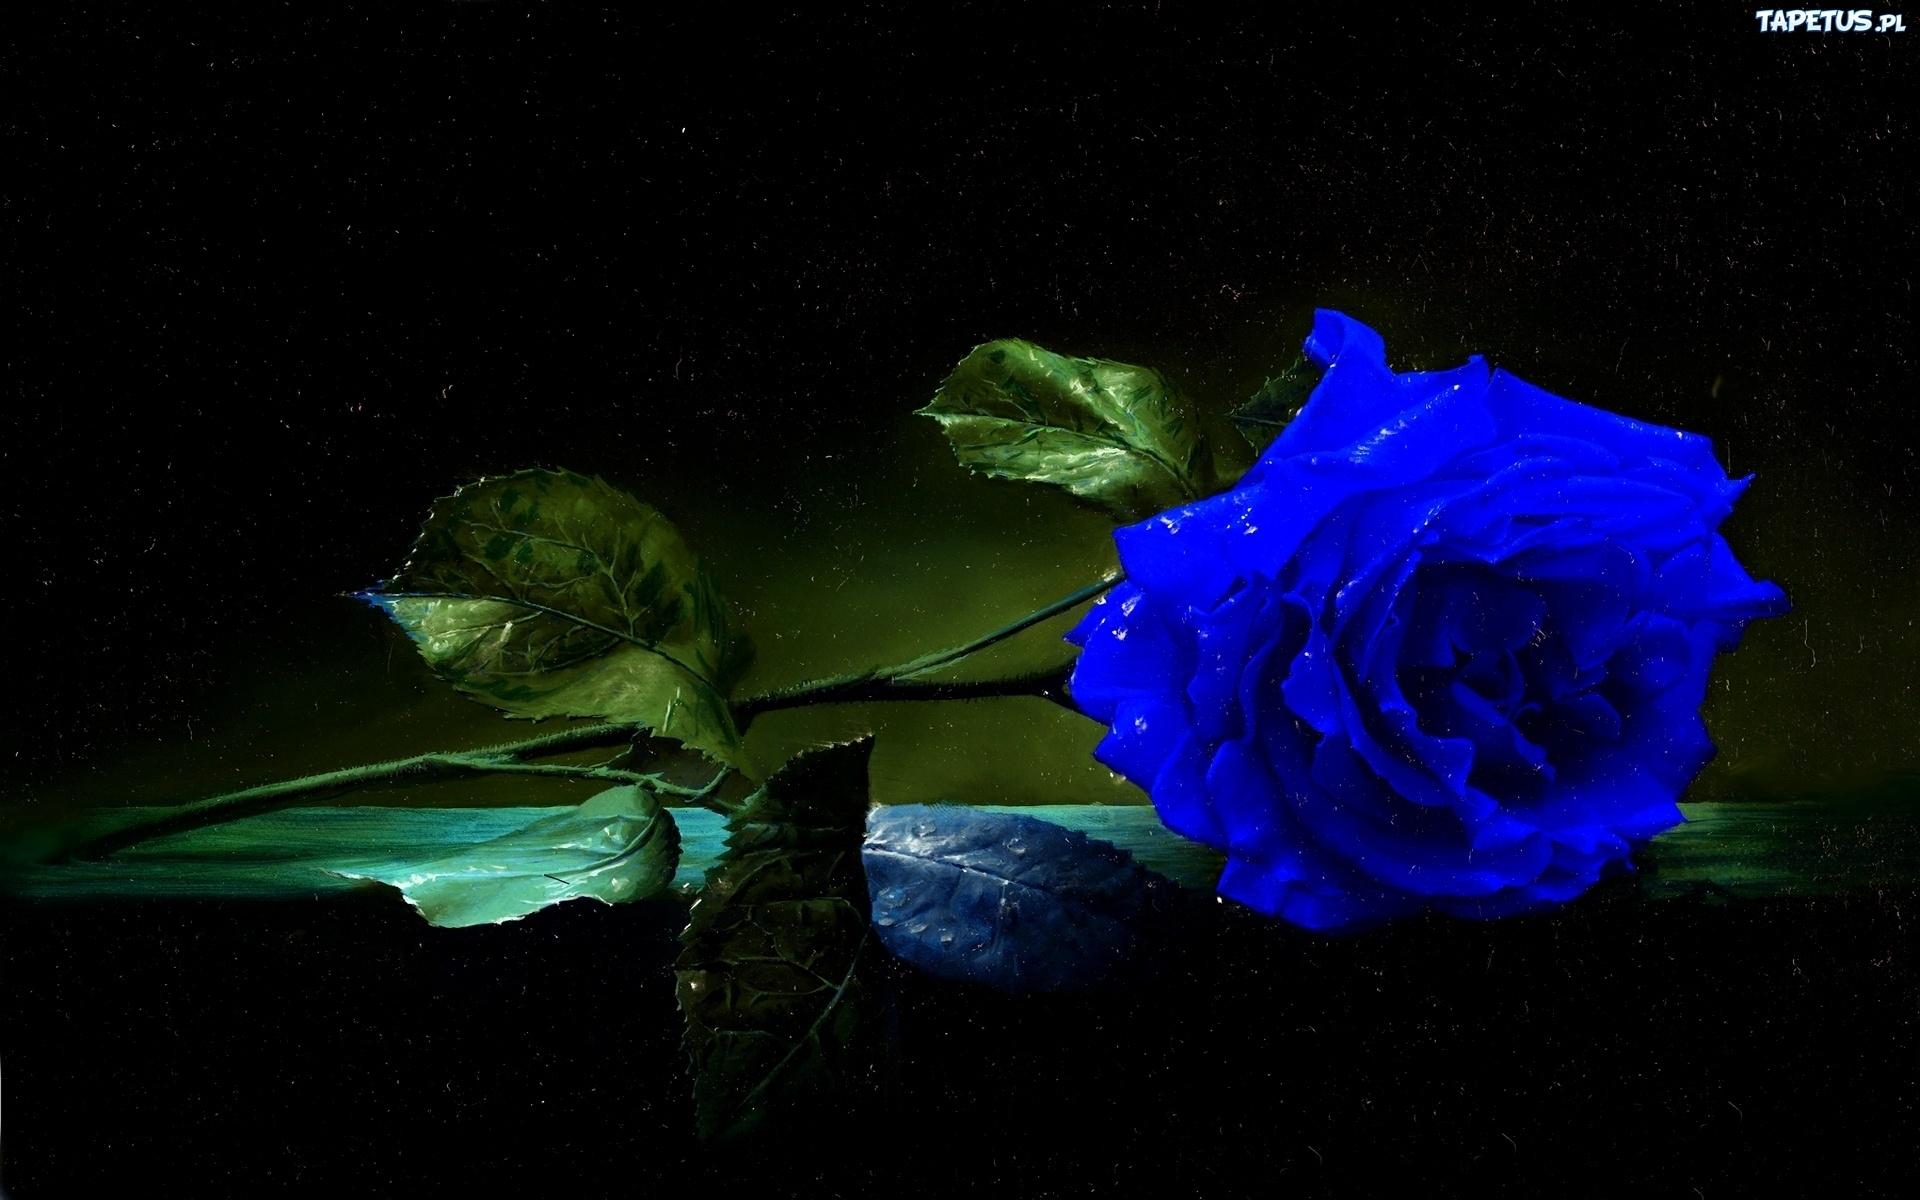 Kwiaty, Róża, Niebieska - photo#20